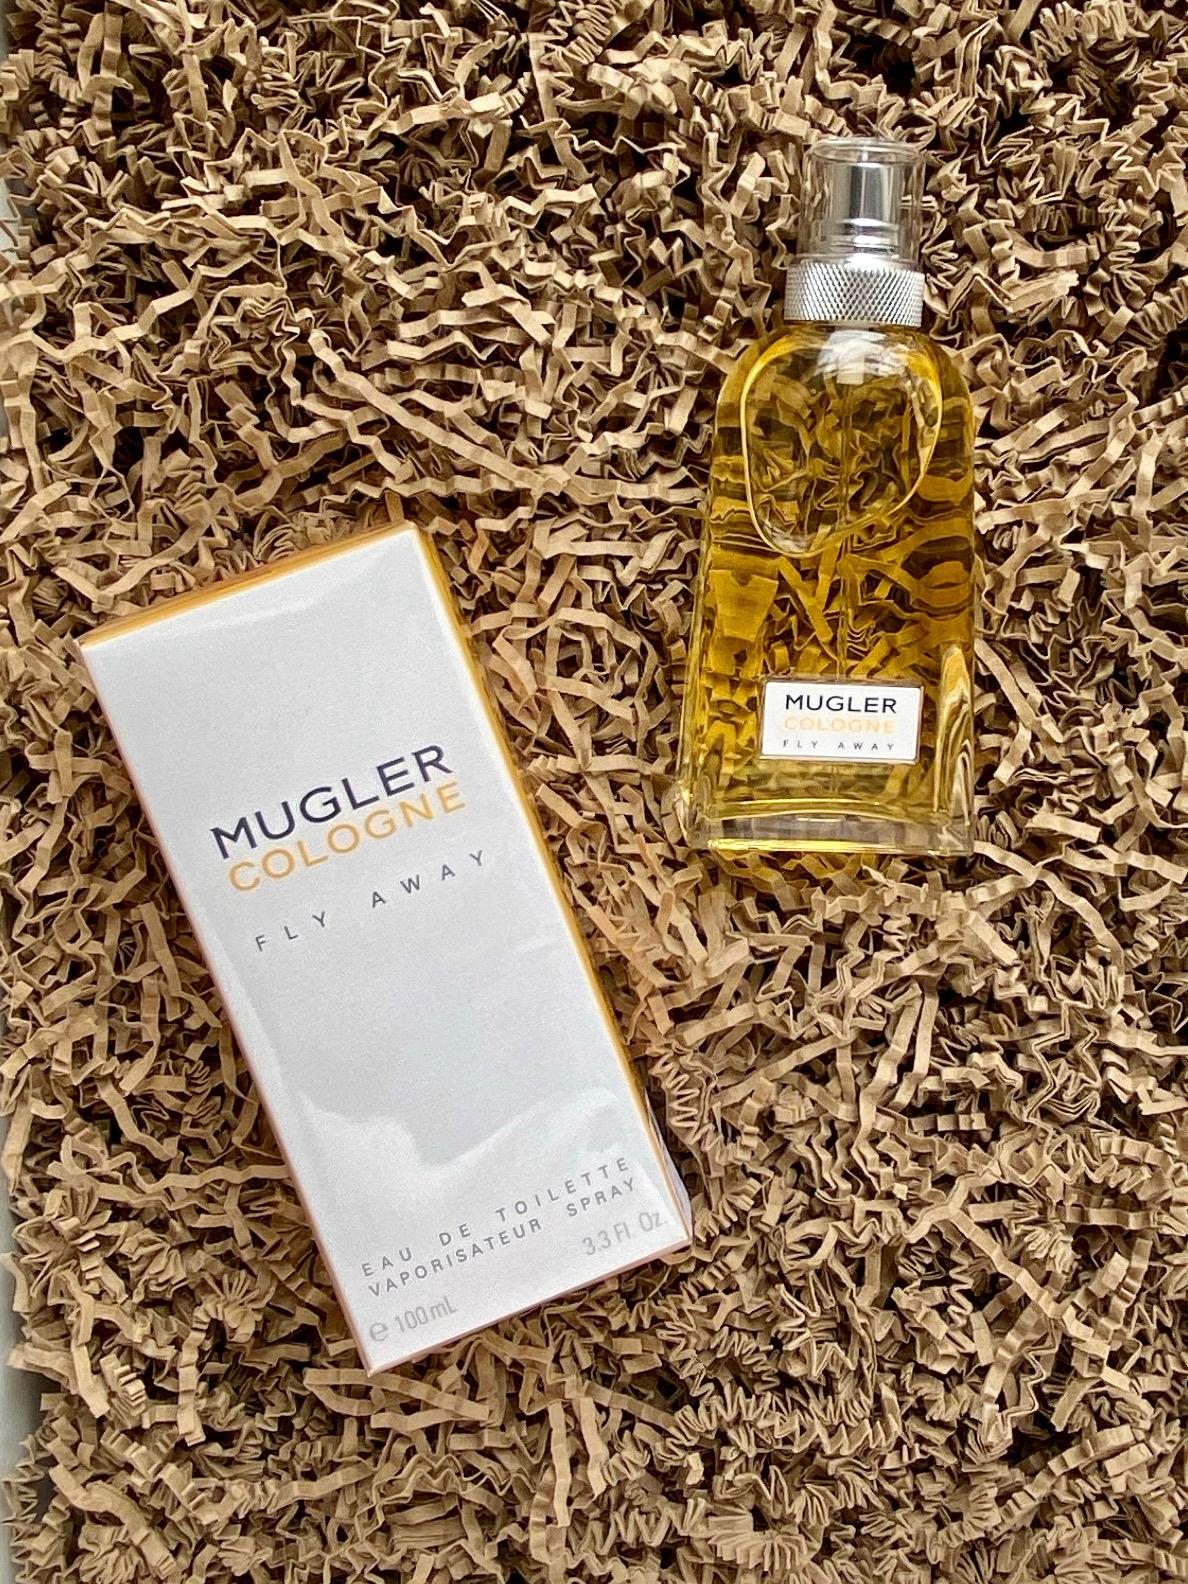 Mugler Cologne Fly Away Sommer 2021